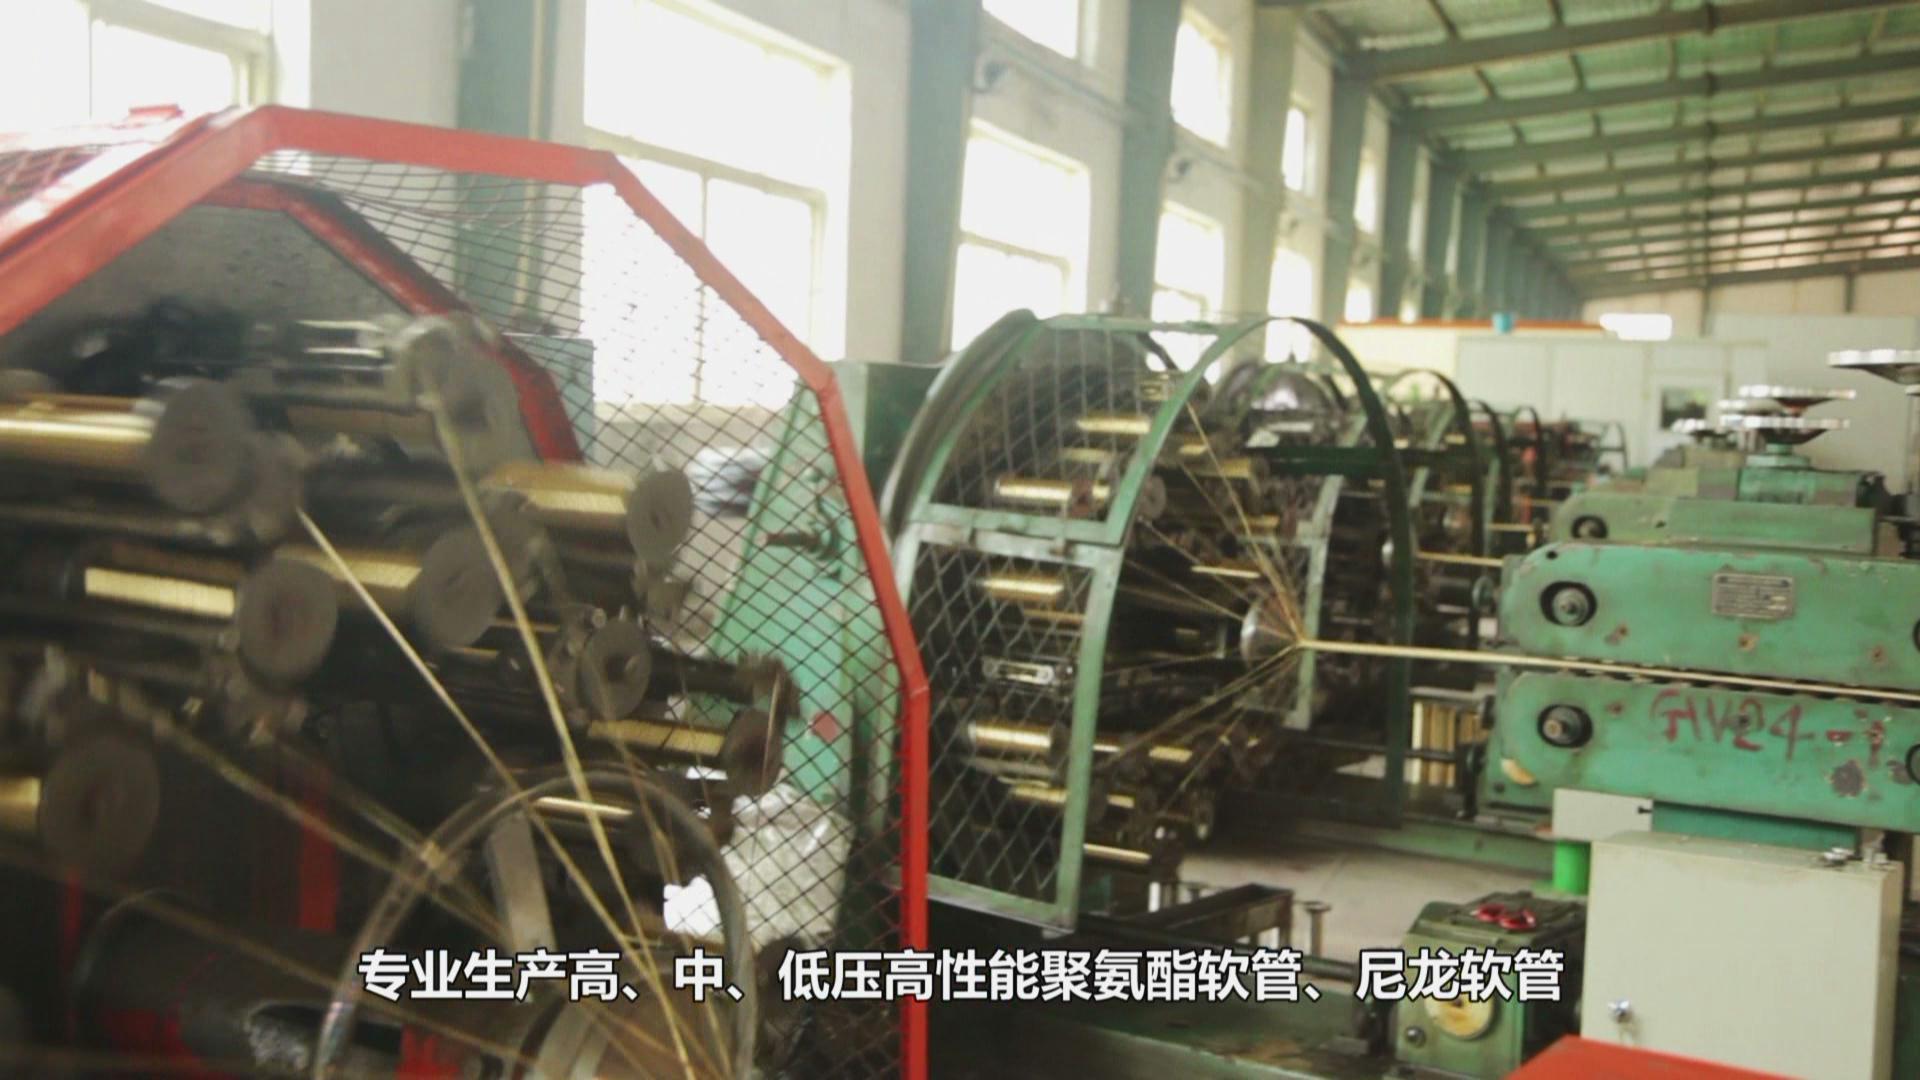 山东鲁盾聚氨酯制品有限公司:编织设备